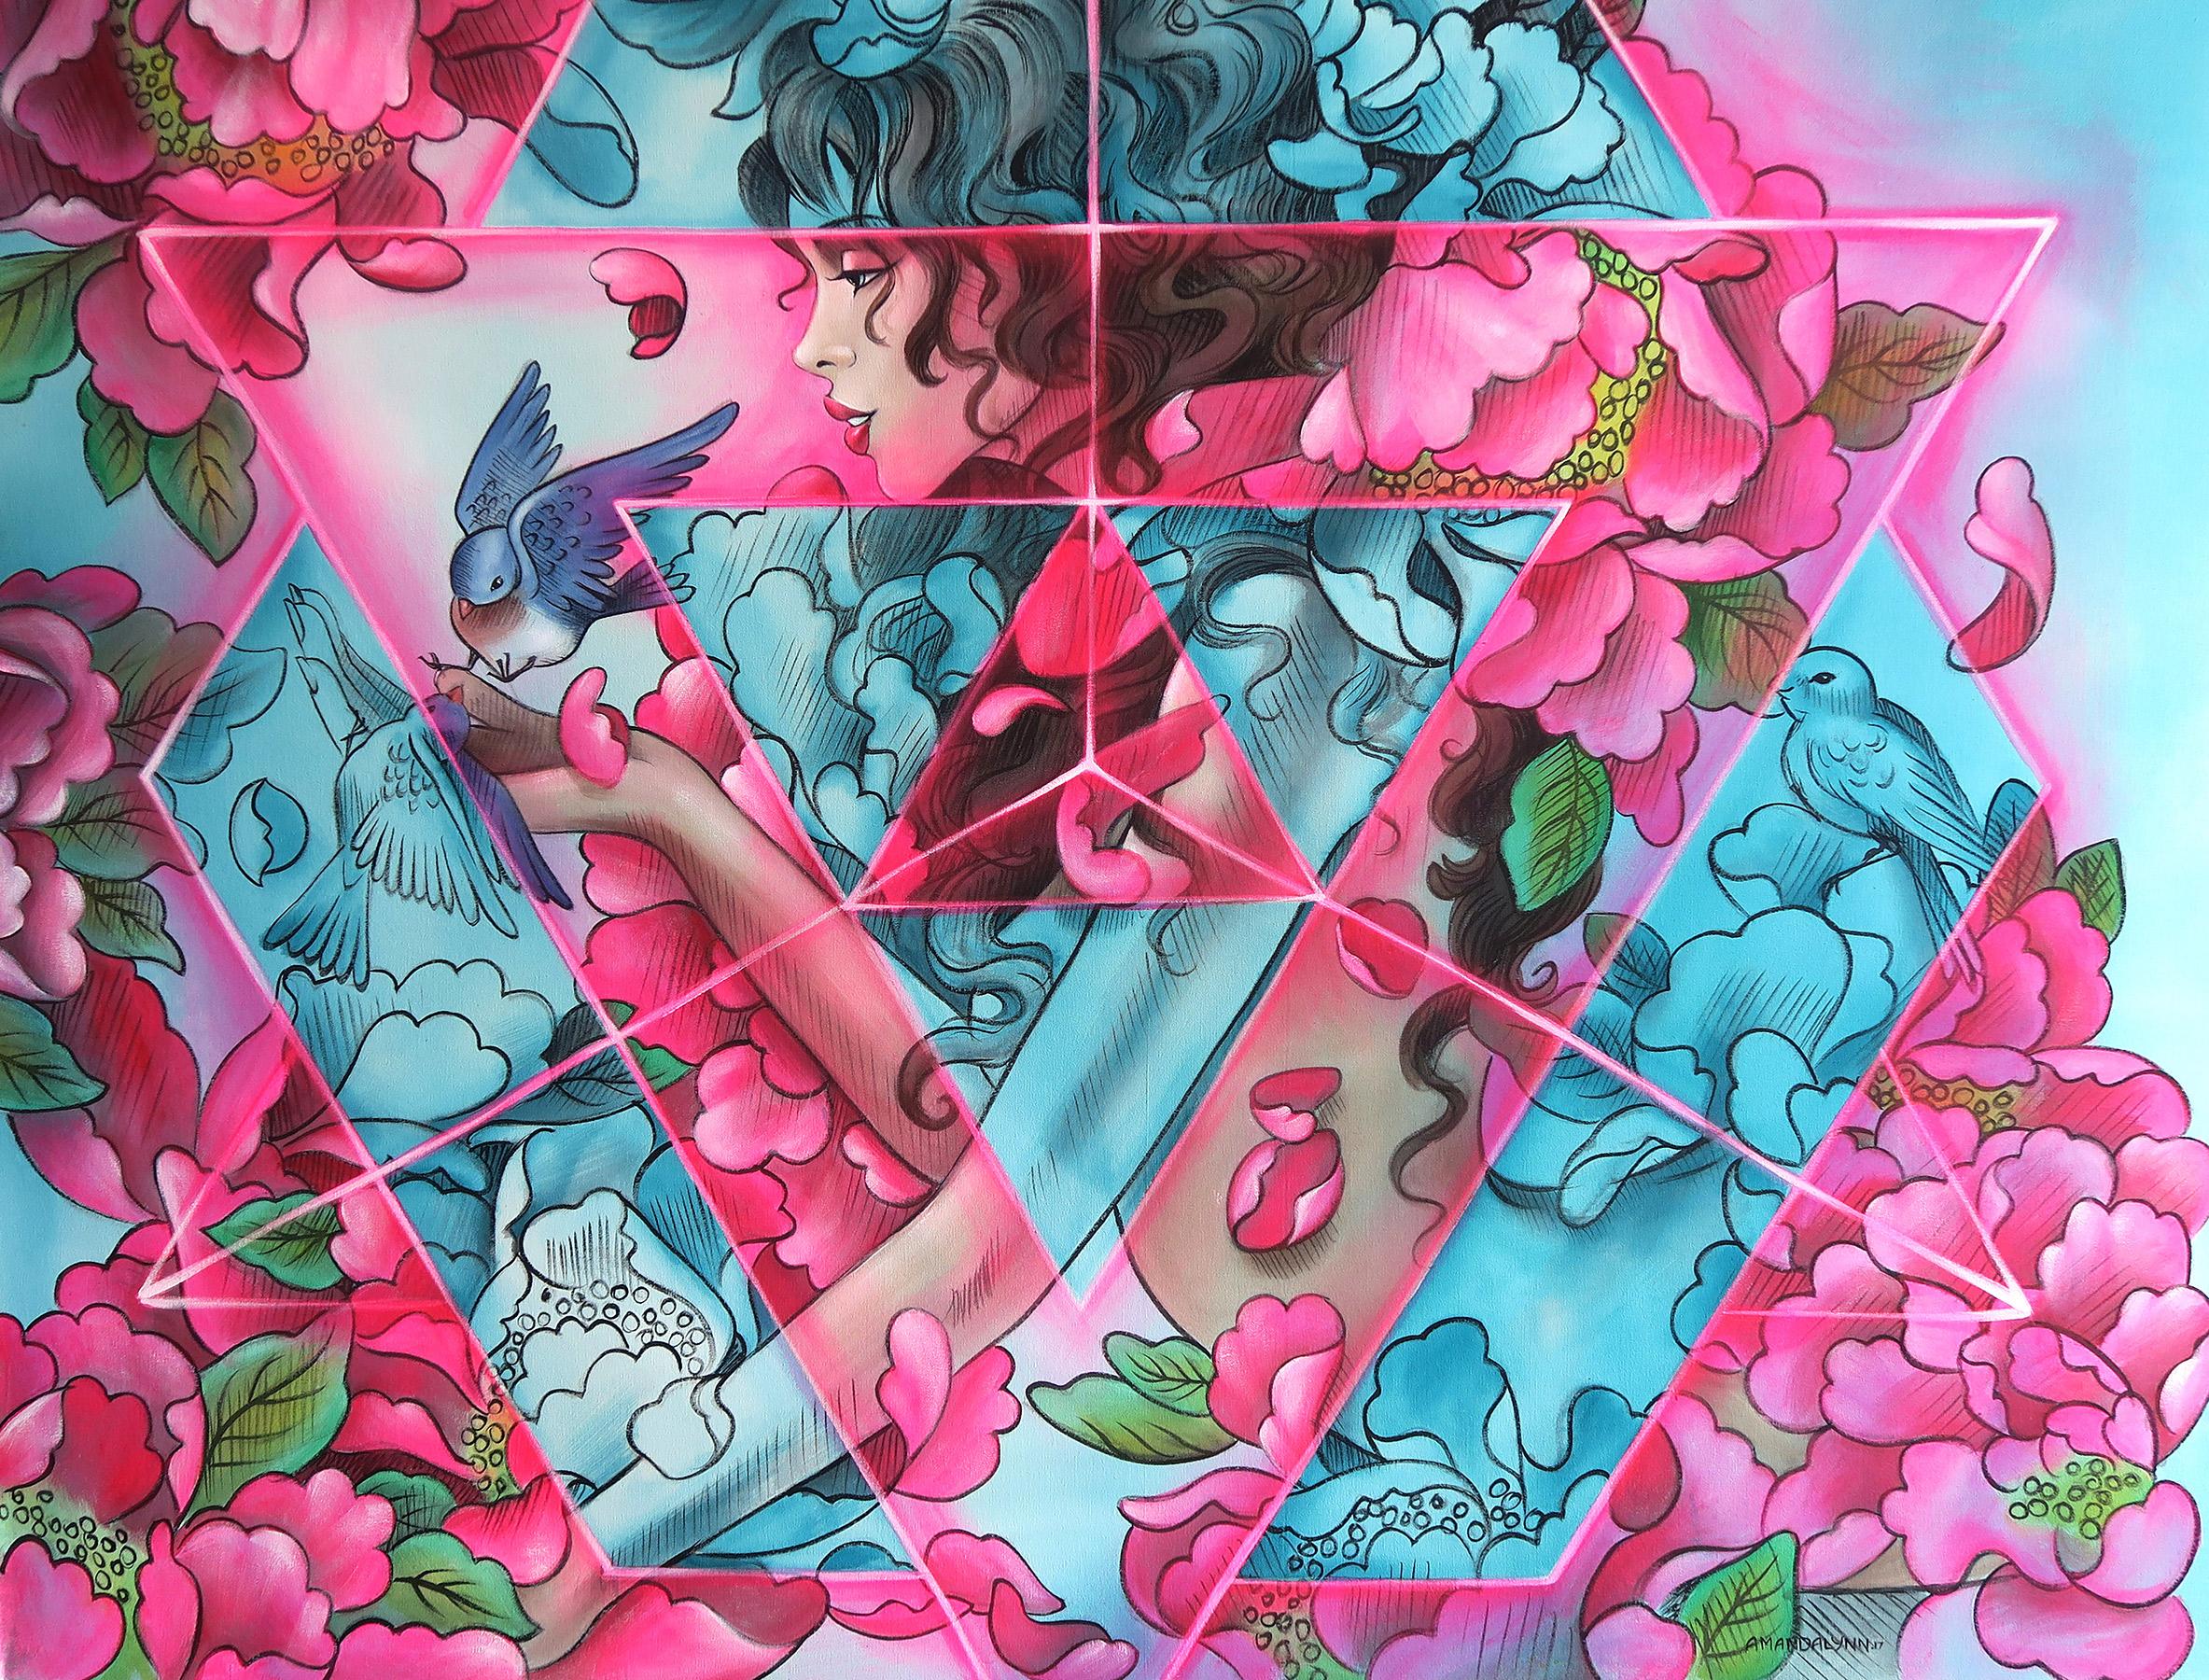 Amanda-Lynn---Amandalynn_Flora-n-Fauna.jpg